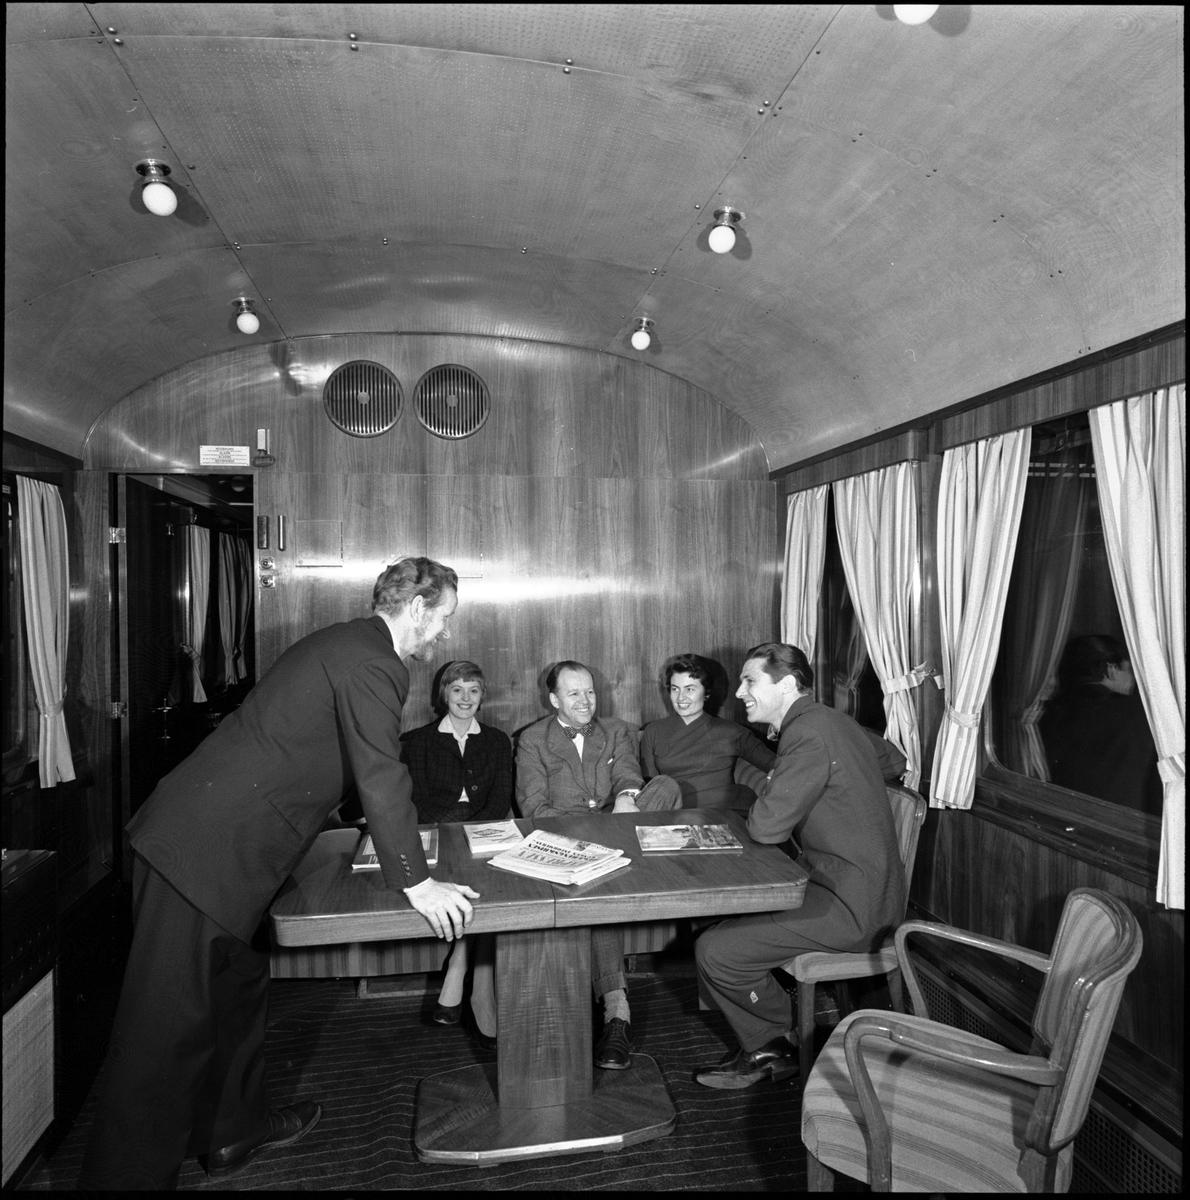 Statens Järnvägar, SJ So3 3945. Resande i salongen.   SJ salongsvagn användes som representationsvagn av SJ:s generaldirektörer och abonnerades av företag. Gick ett tag som konferensvagn med texten Konferens på tåg på sidan.  Littererades Ao3 vid leverans men littera ändrades till So3 1956. Vagnen användes även i det så kallade Dollartåget. Vagnen finns bevarad på Sveriges Järnvägsmuseum.